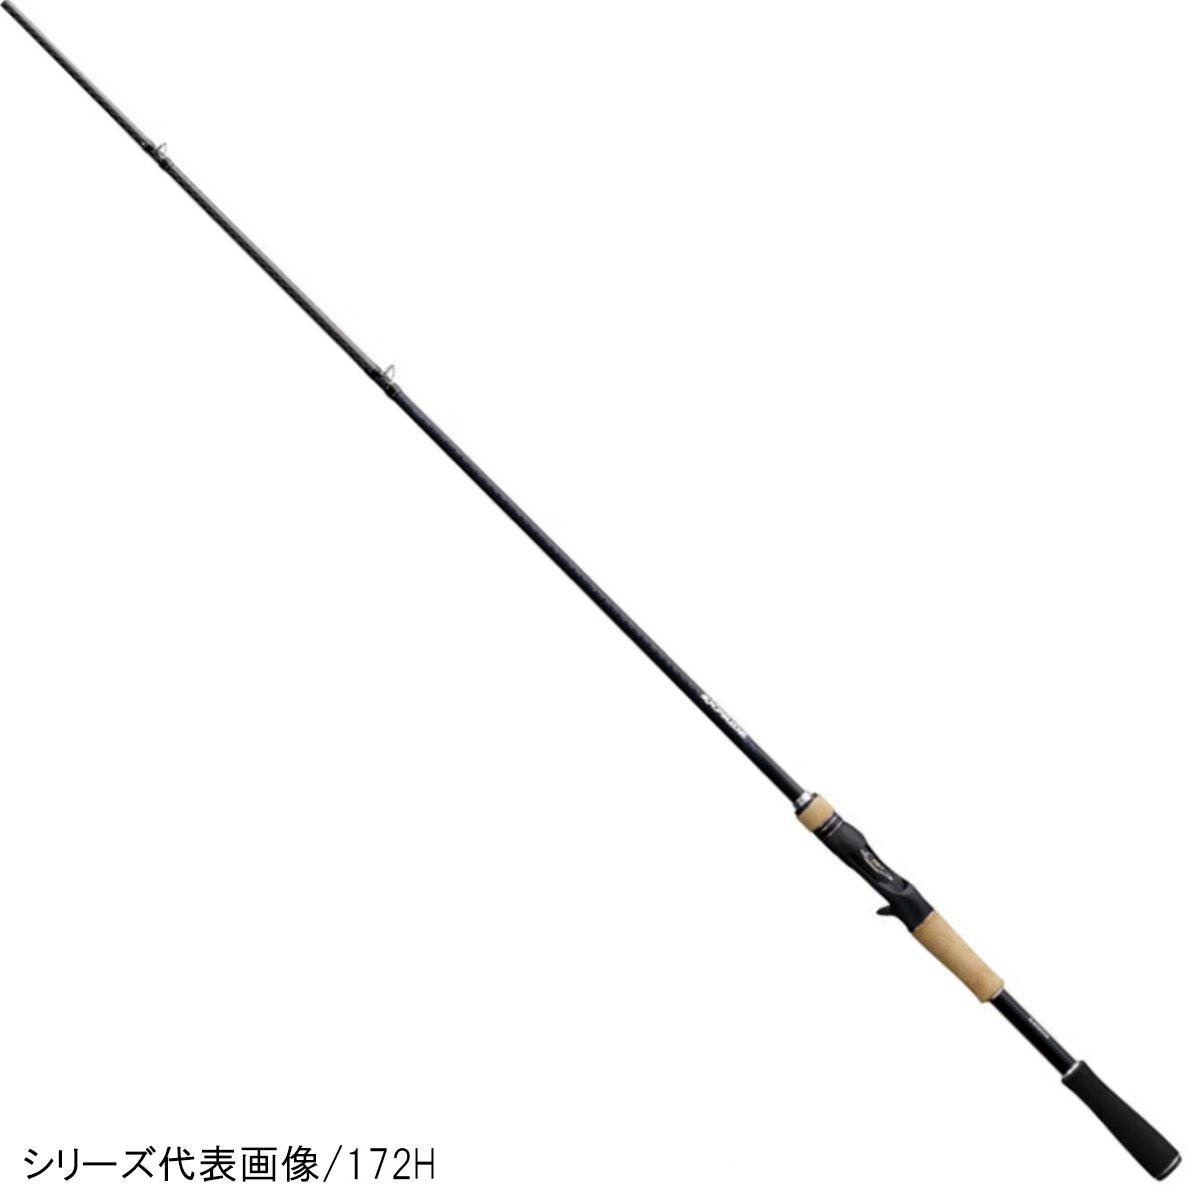 シマノ エクスプライド 1610M-2【送料無料】